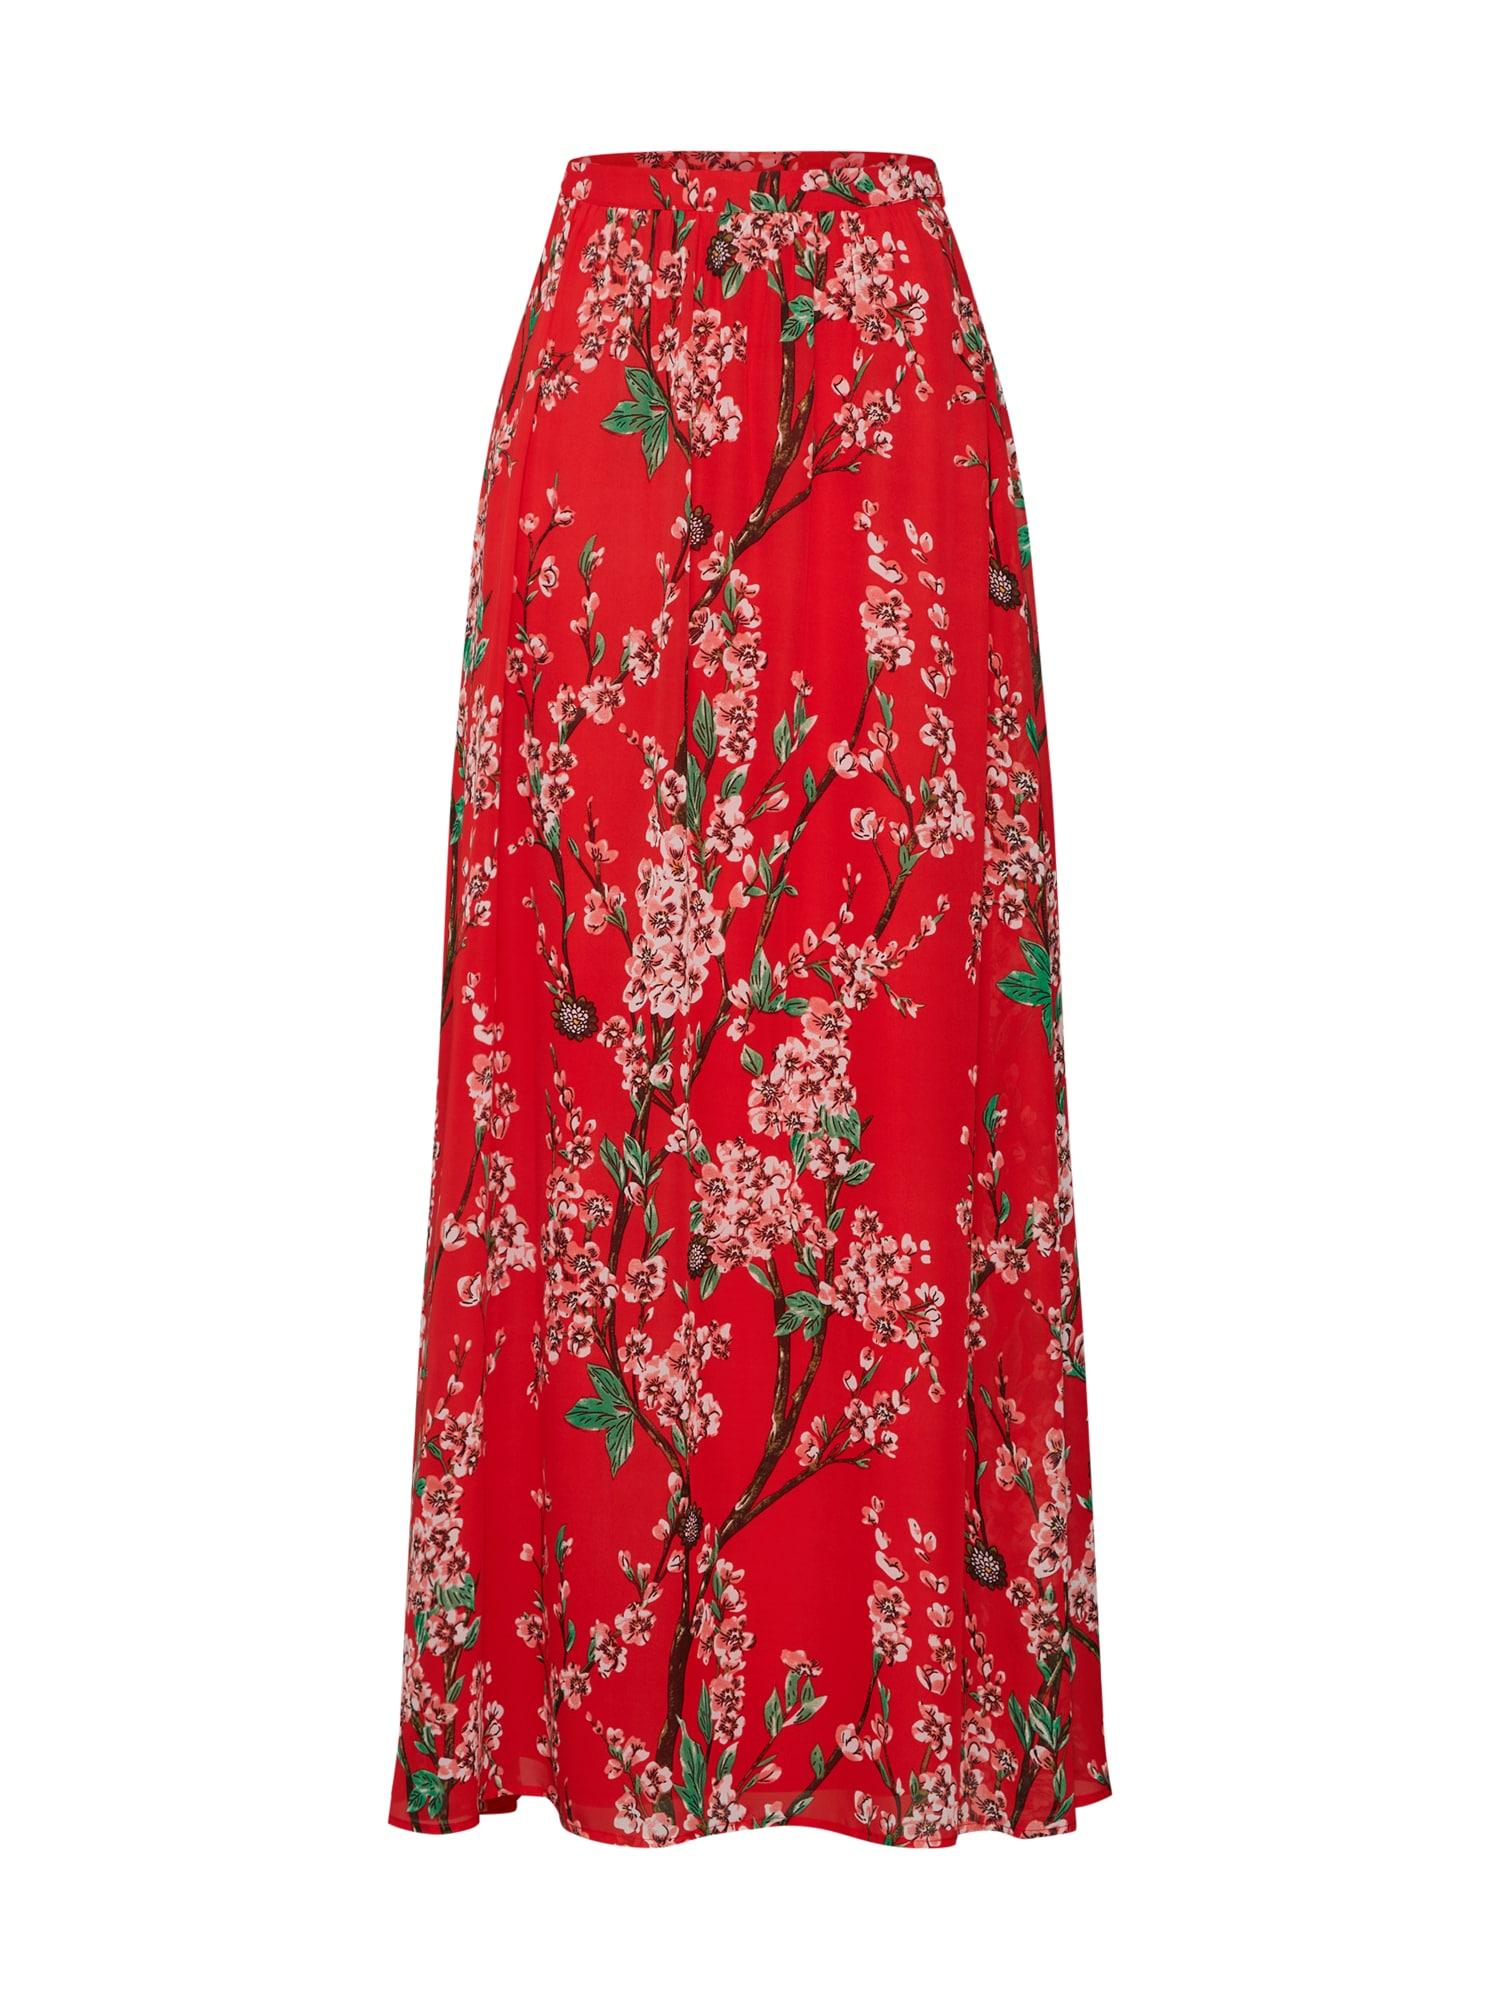 Sukně VIESME HW MAXI SKIRTKA zelená růžová červená VILA